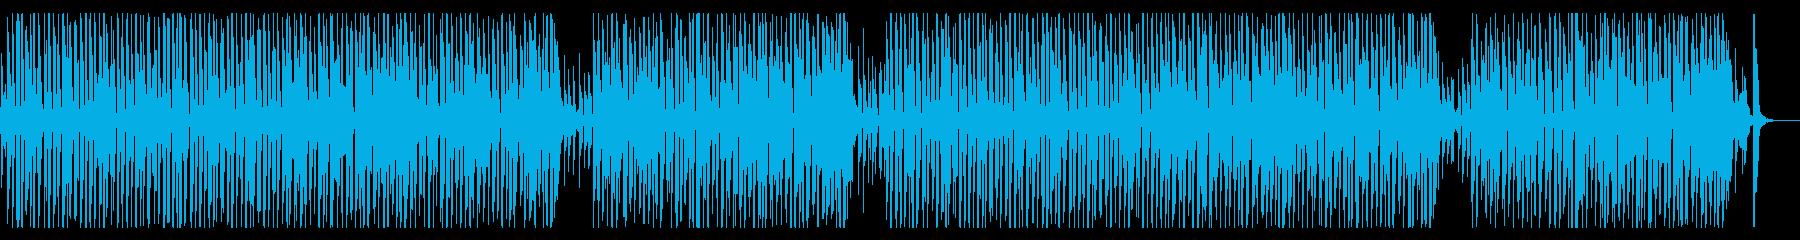 カフェBGM・おしゃれなフレンチジャズの再生済みの波形